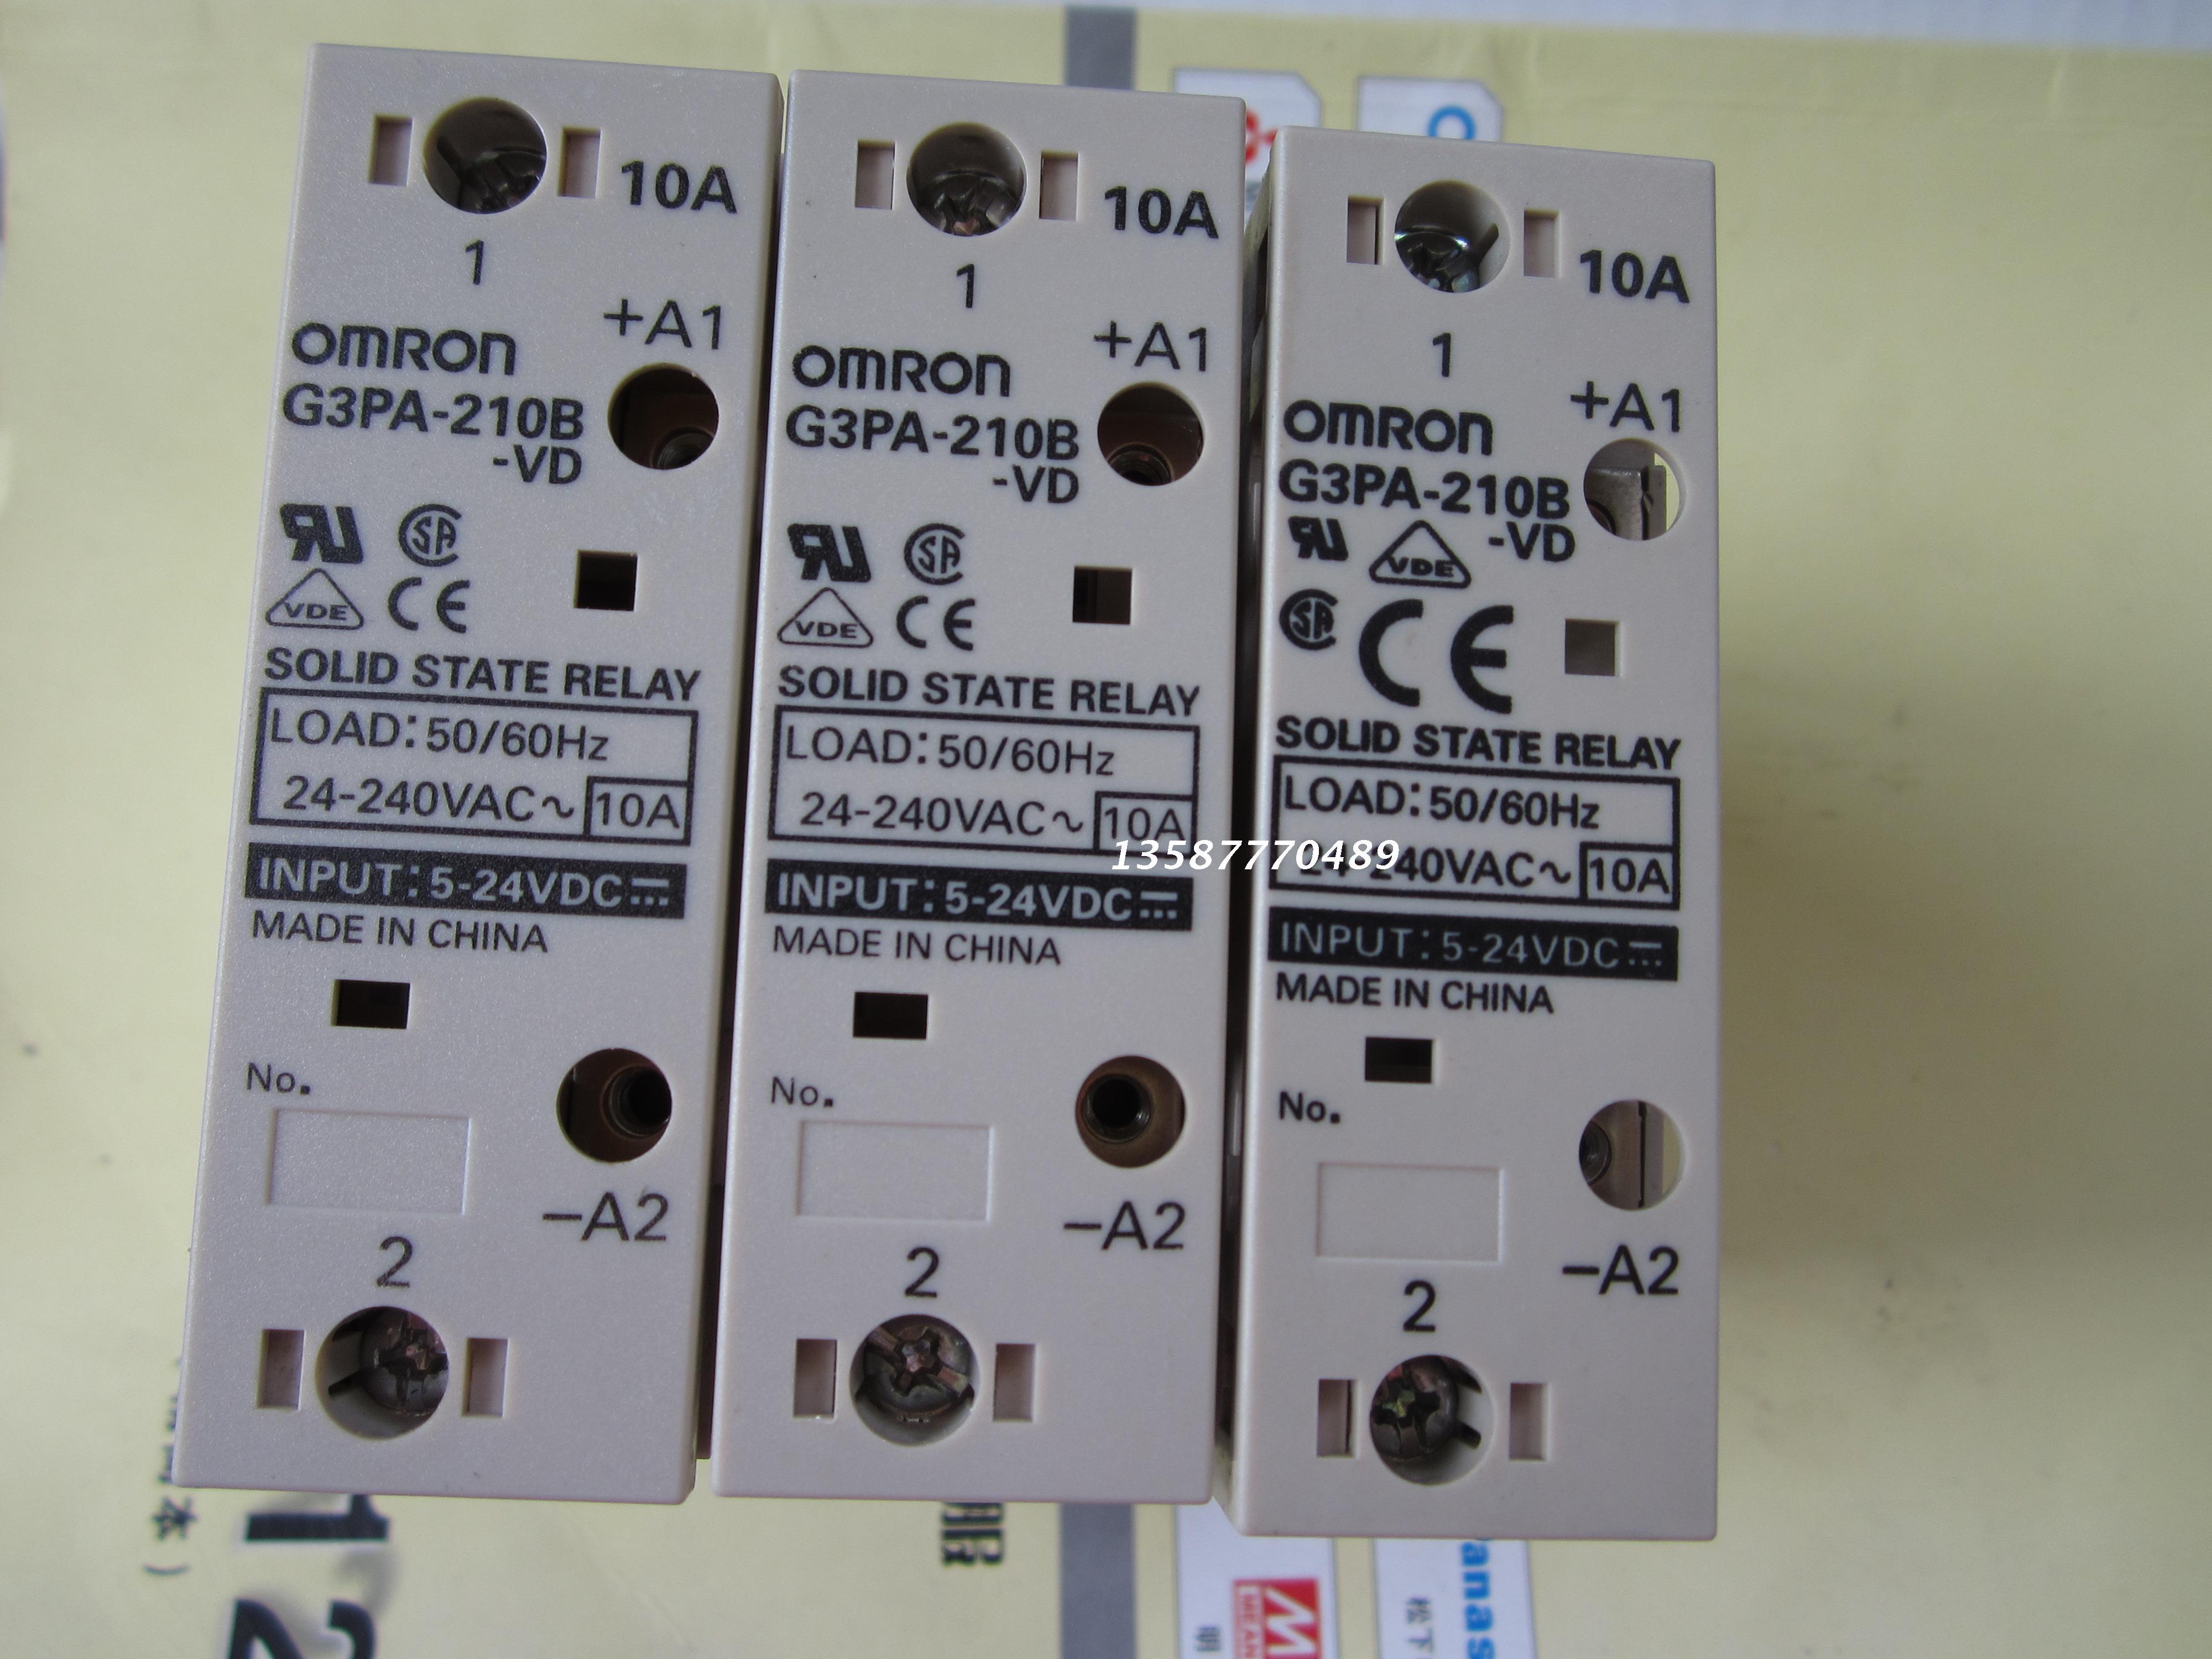 Реле твердотельное Omron omron  OMRON G3PA-210B-VD